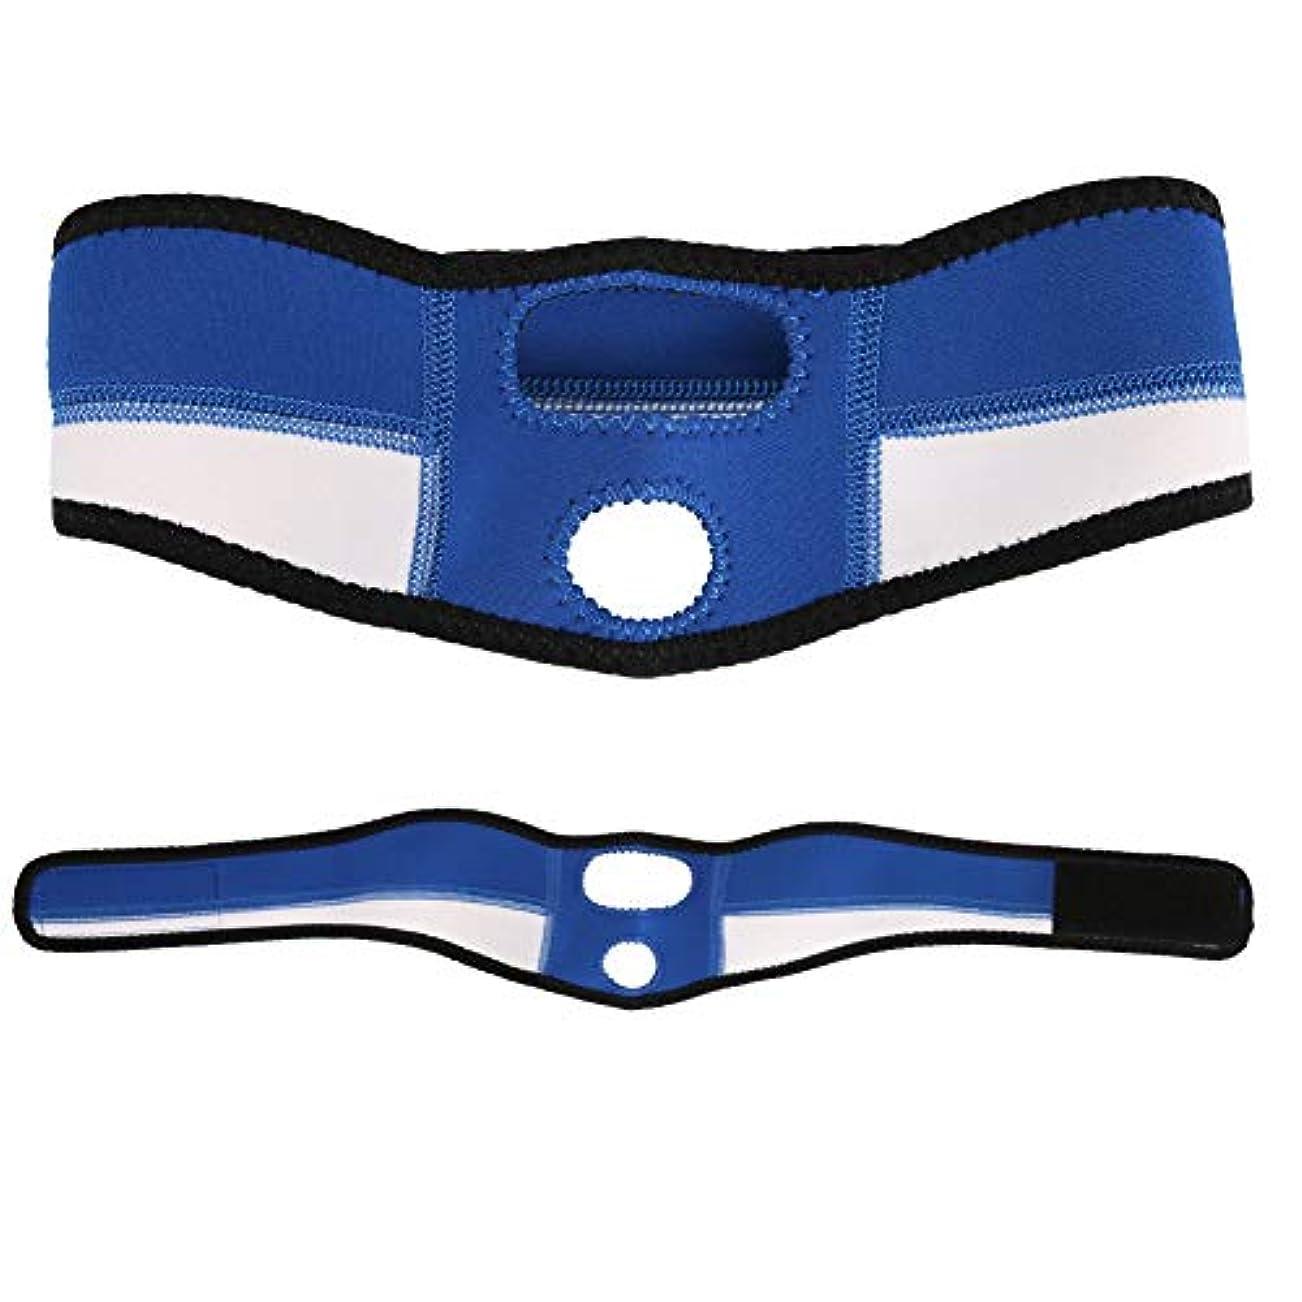 浸す器官有名フェイス減量ベルト、顔フェイシャルリフティング痩身ベルト締め付け 调节可能 Vラインベルト リフトフェイスベルト 顎ベルト